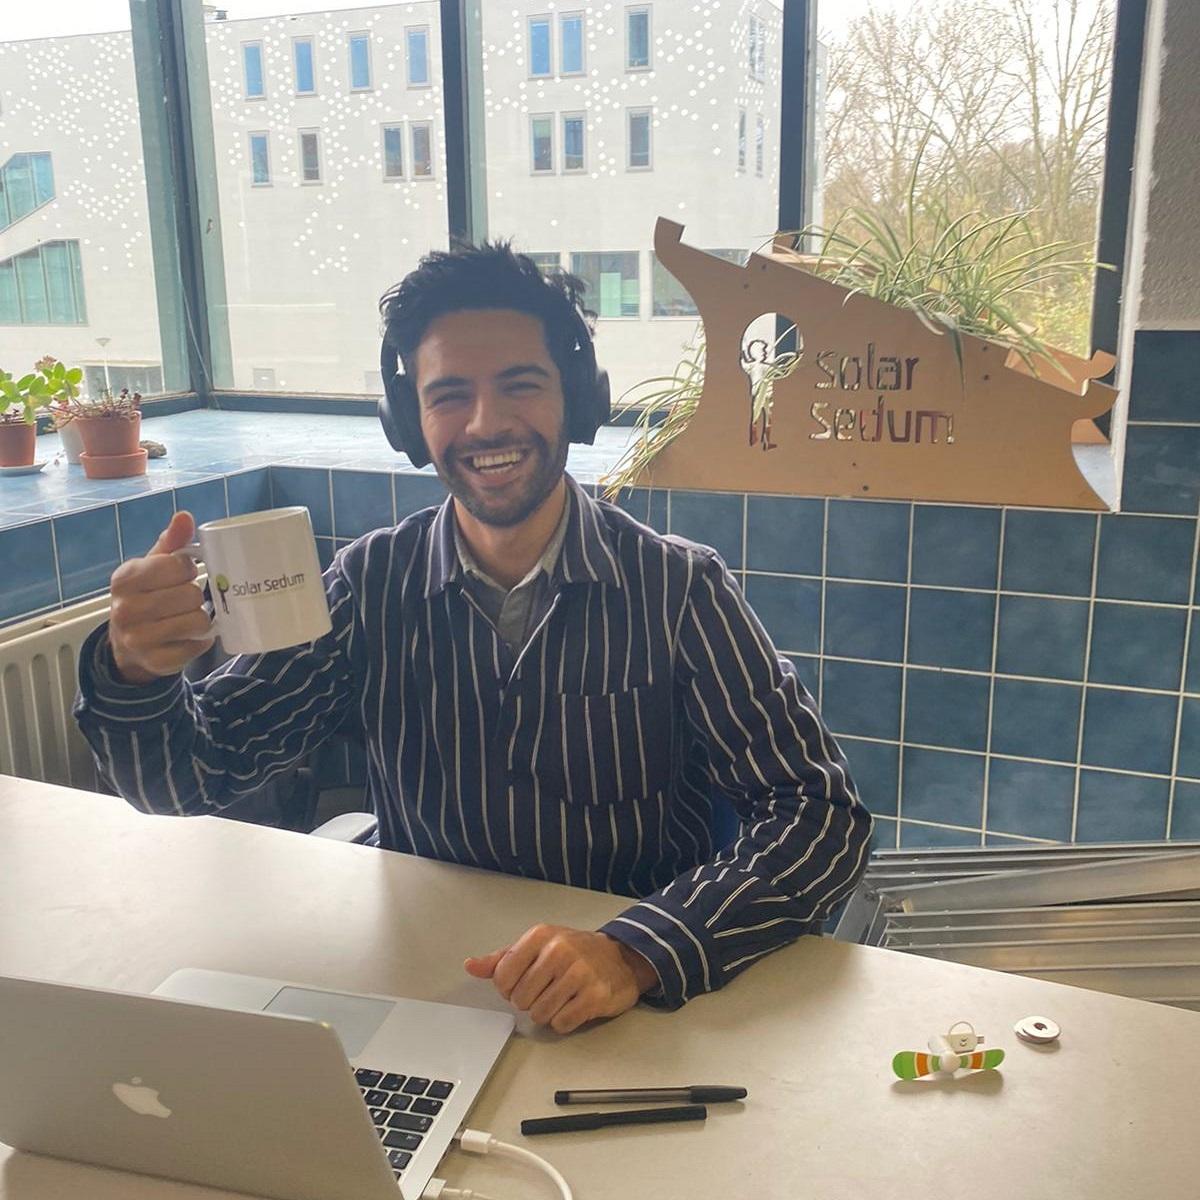 Een medewerker die achter zijn laptop zit met een mok met Solar Sedum erop.